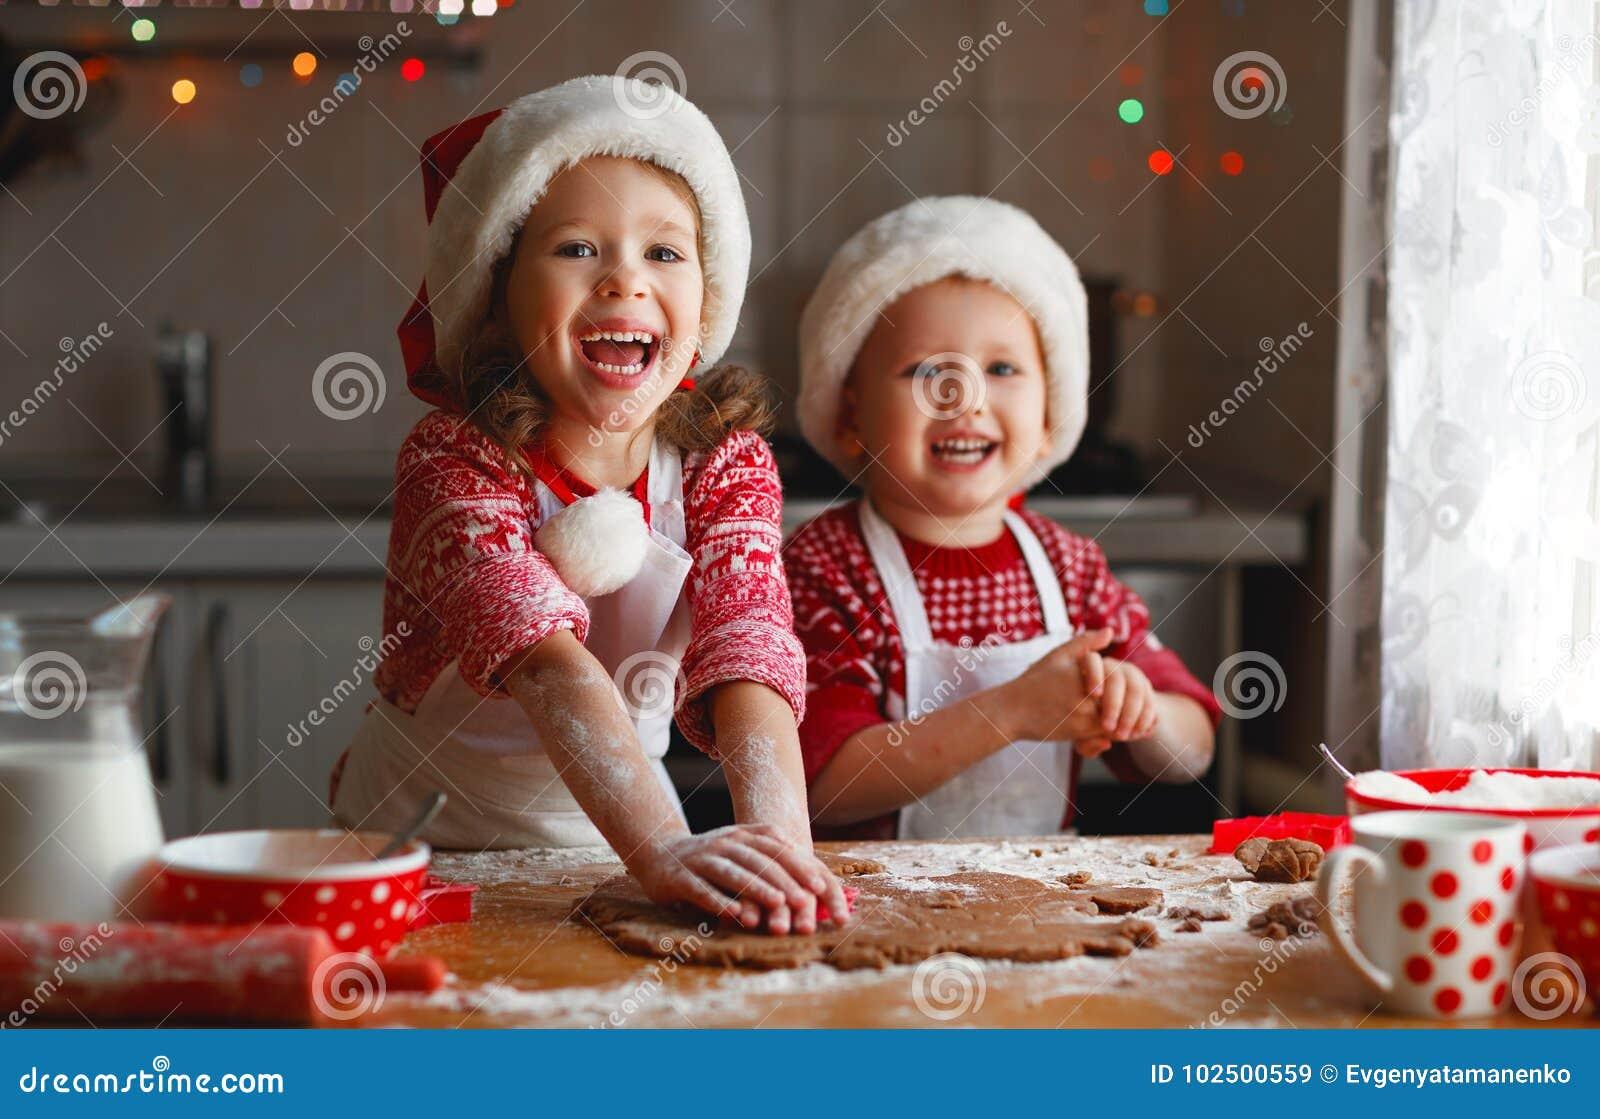 Glückliche Kinder backen Weihnachtsplätzchen